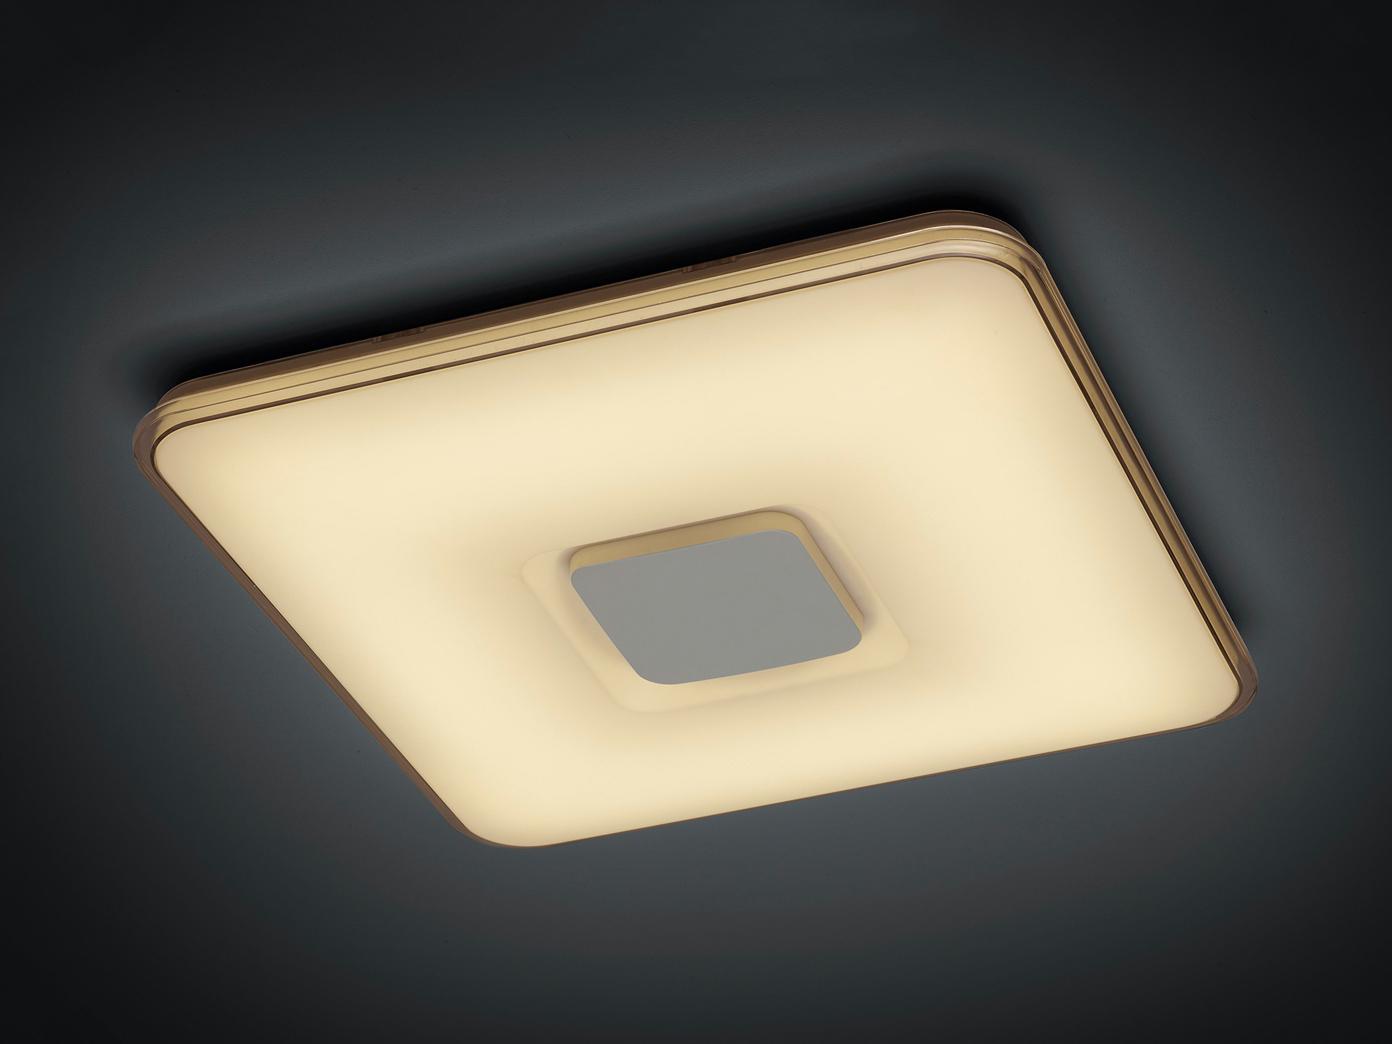 Küchenrolle Papiermüll ~ kuststoff mehr als 200 angebote, fotos, pr